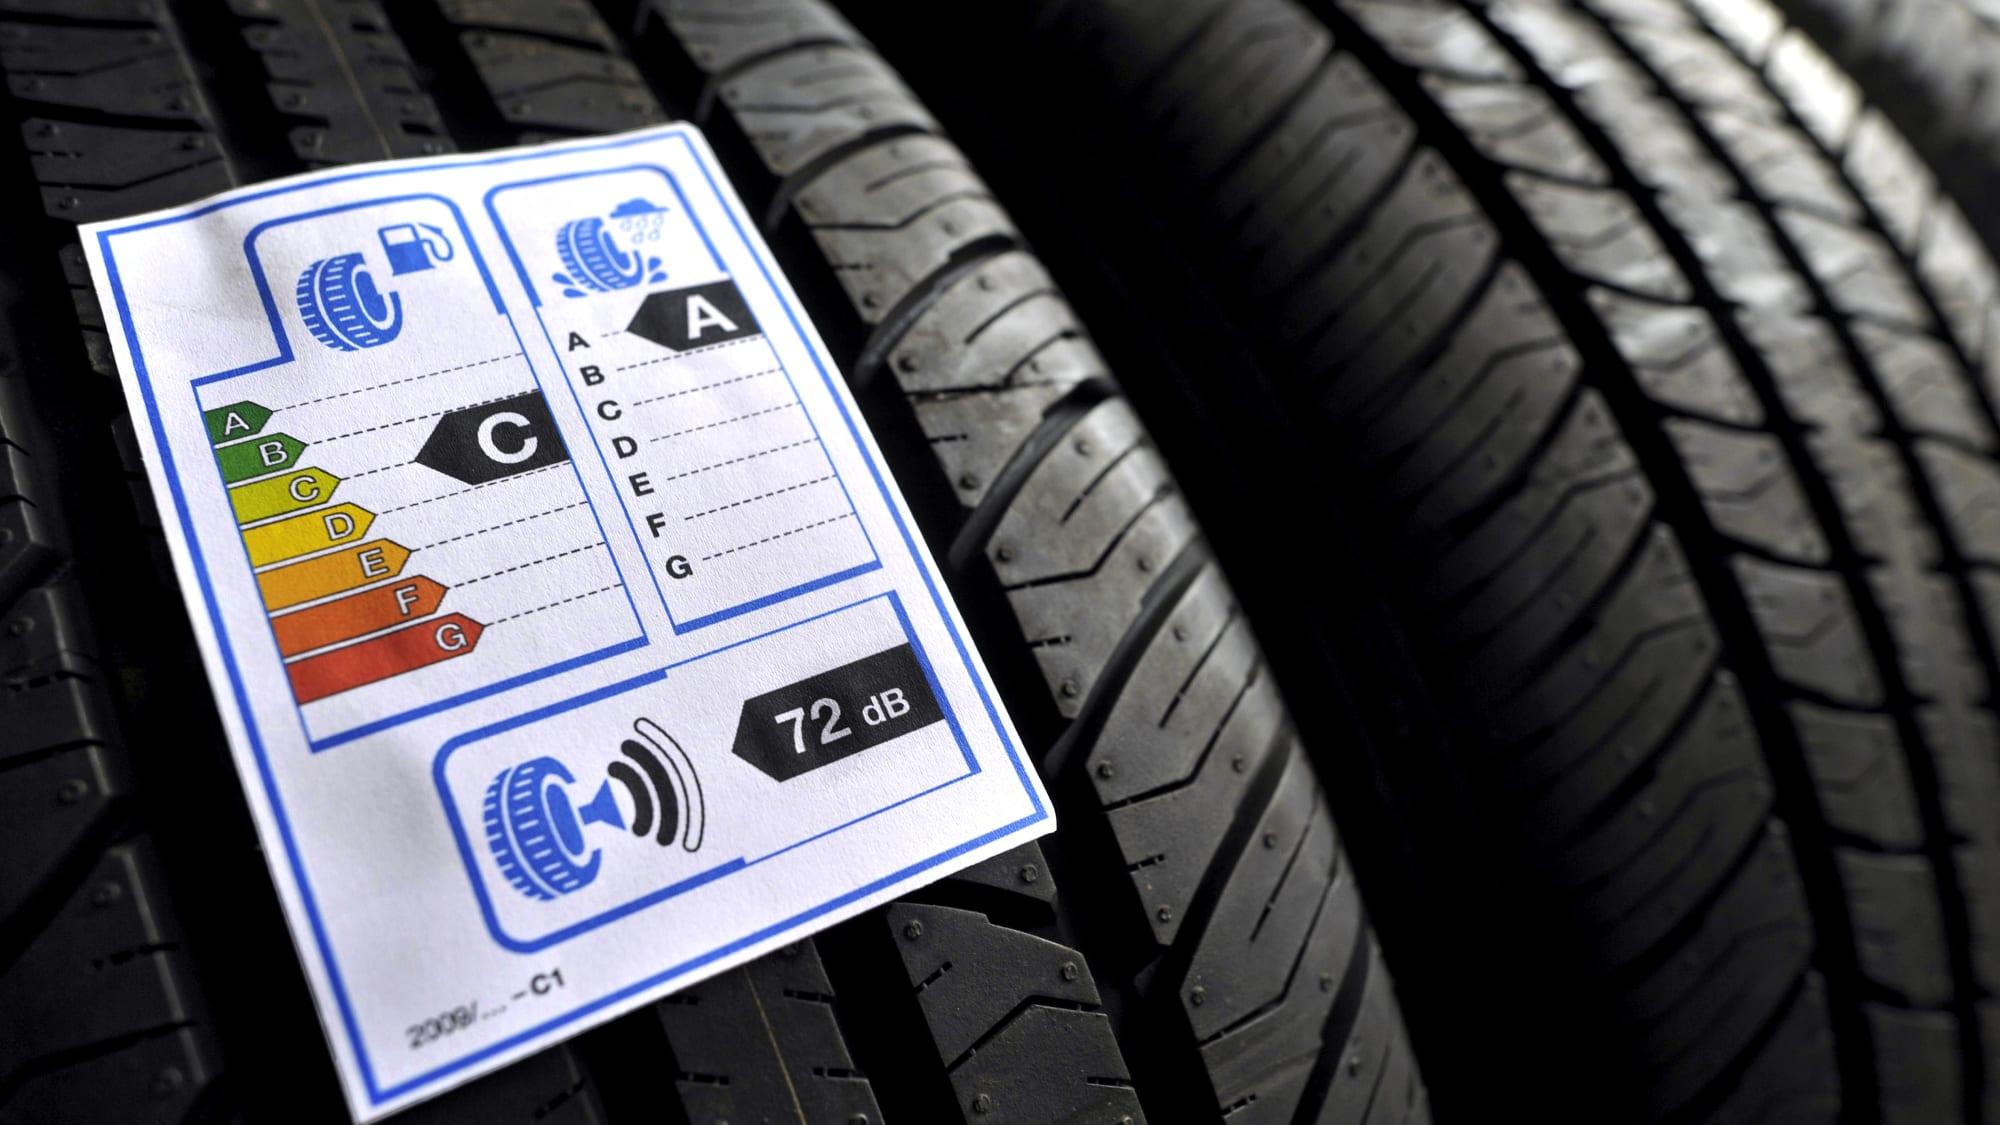 Reifenlabel auf Reifen